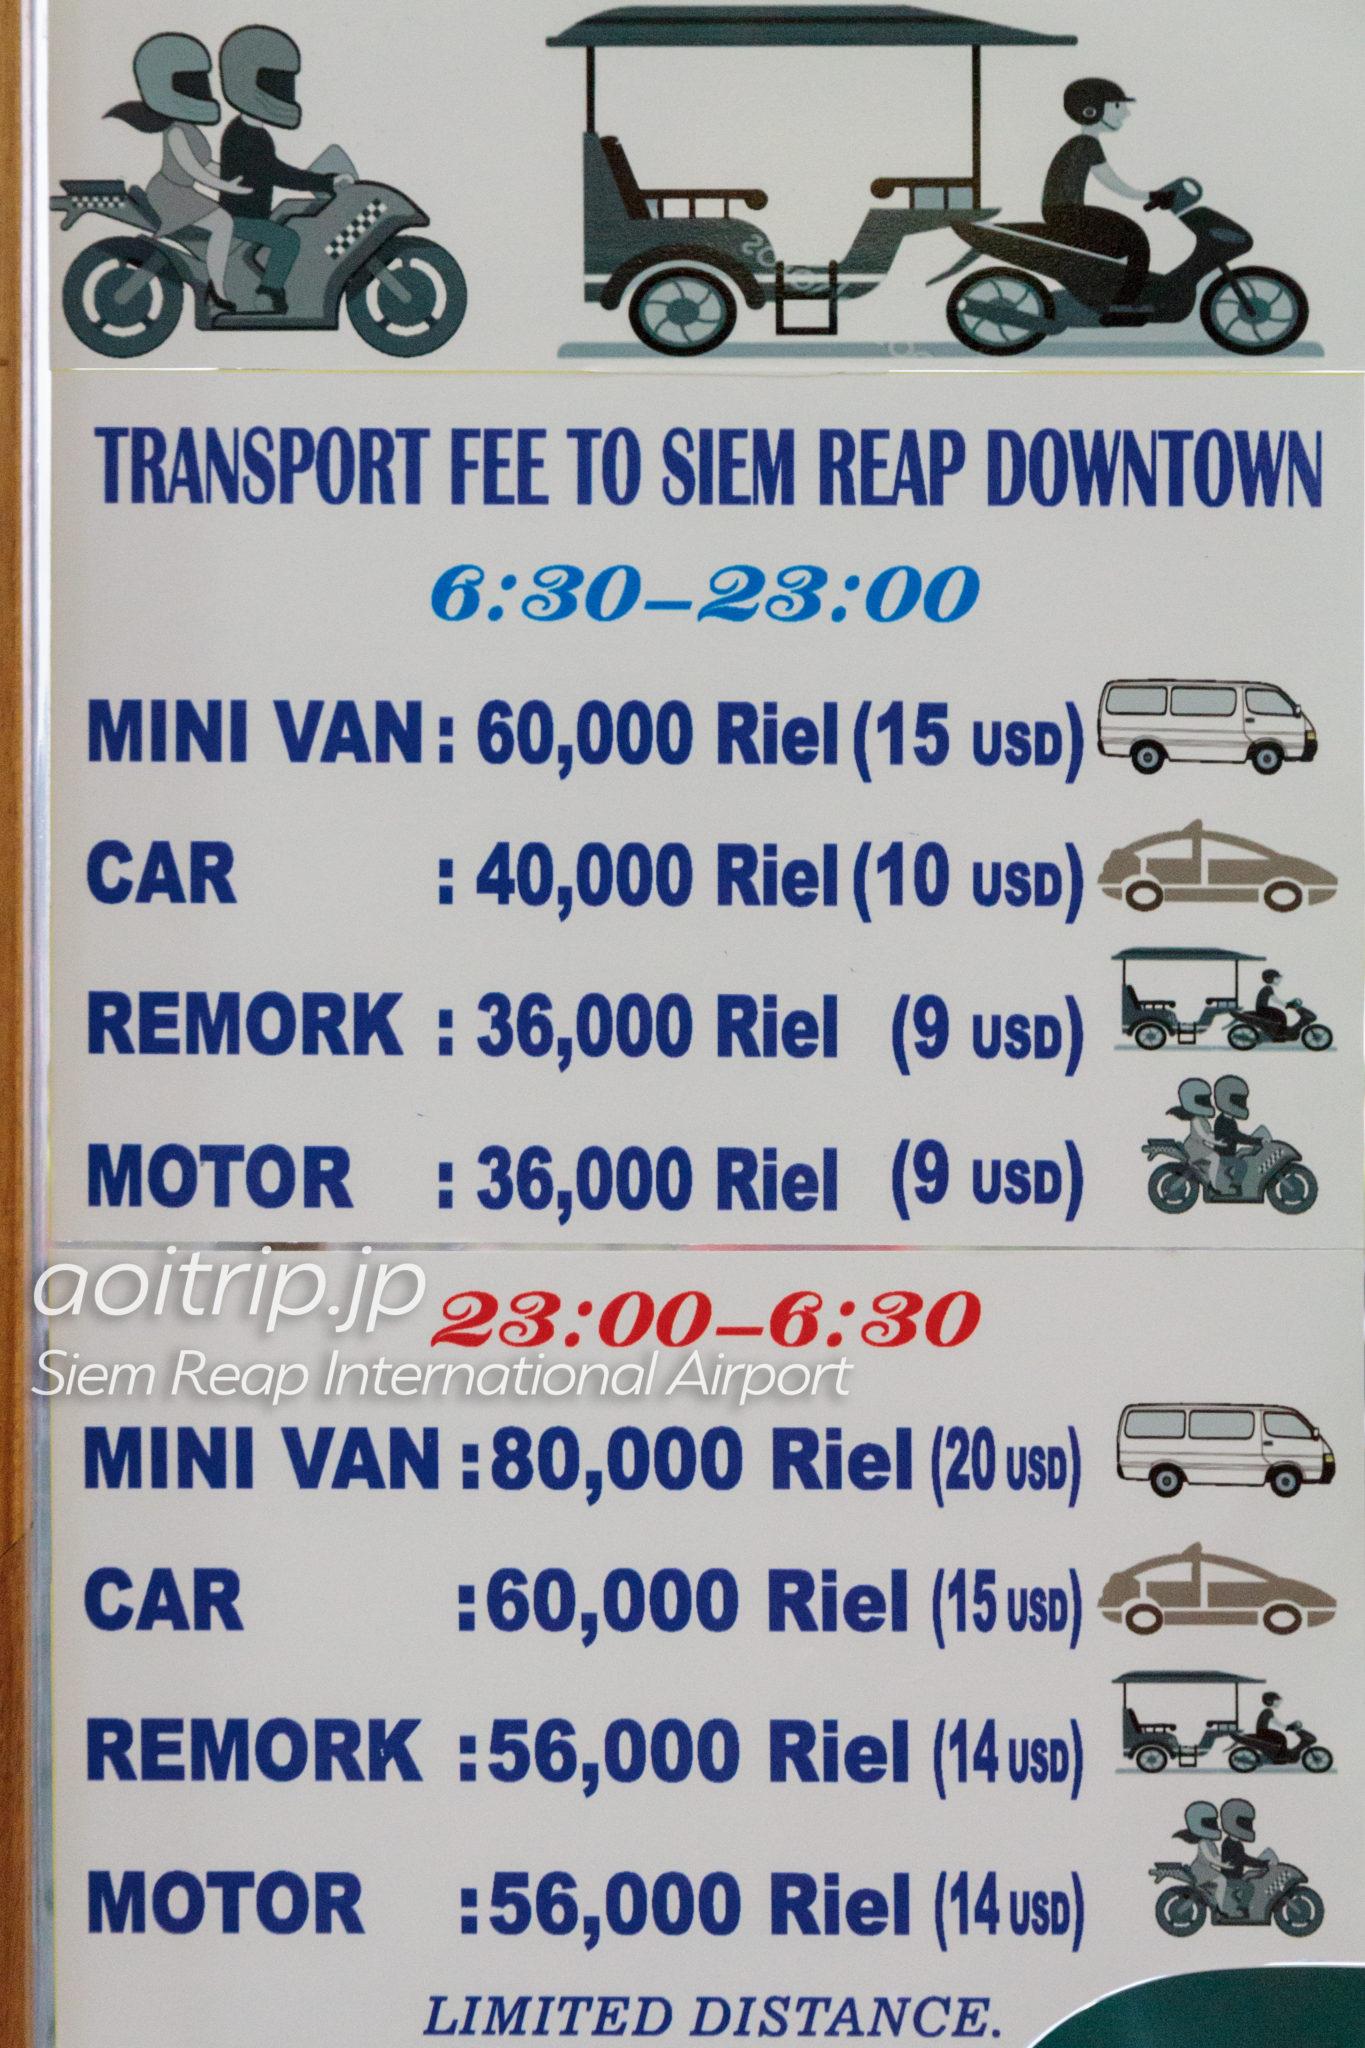 シェムリアップ国際空港から市内のアクセス 料金一覧表